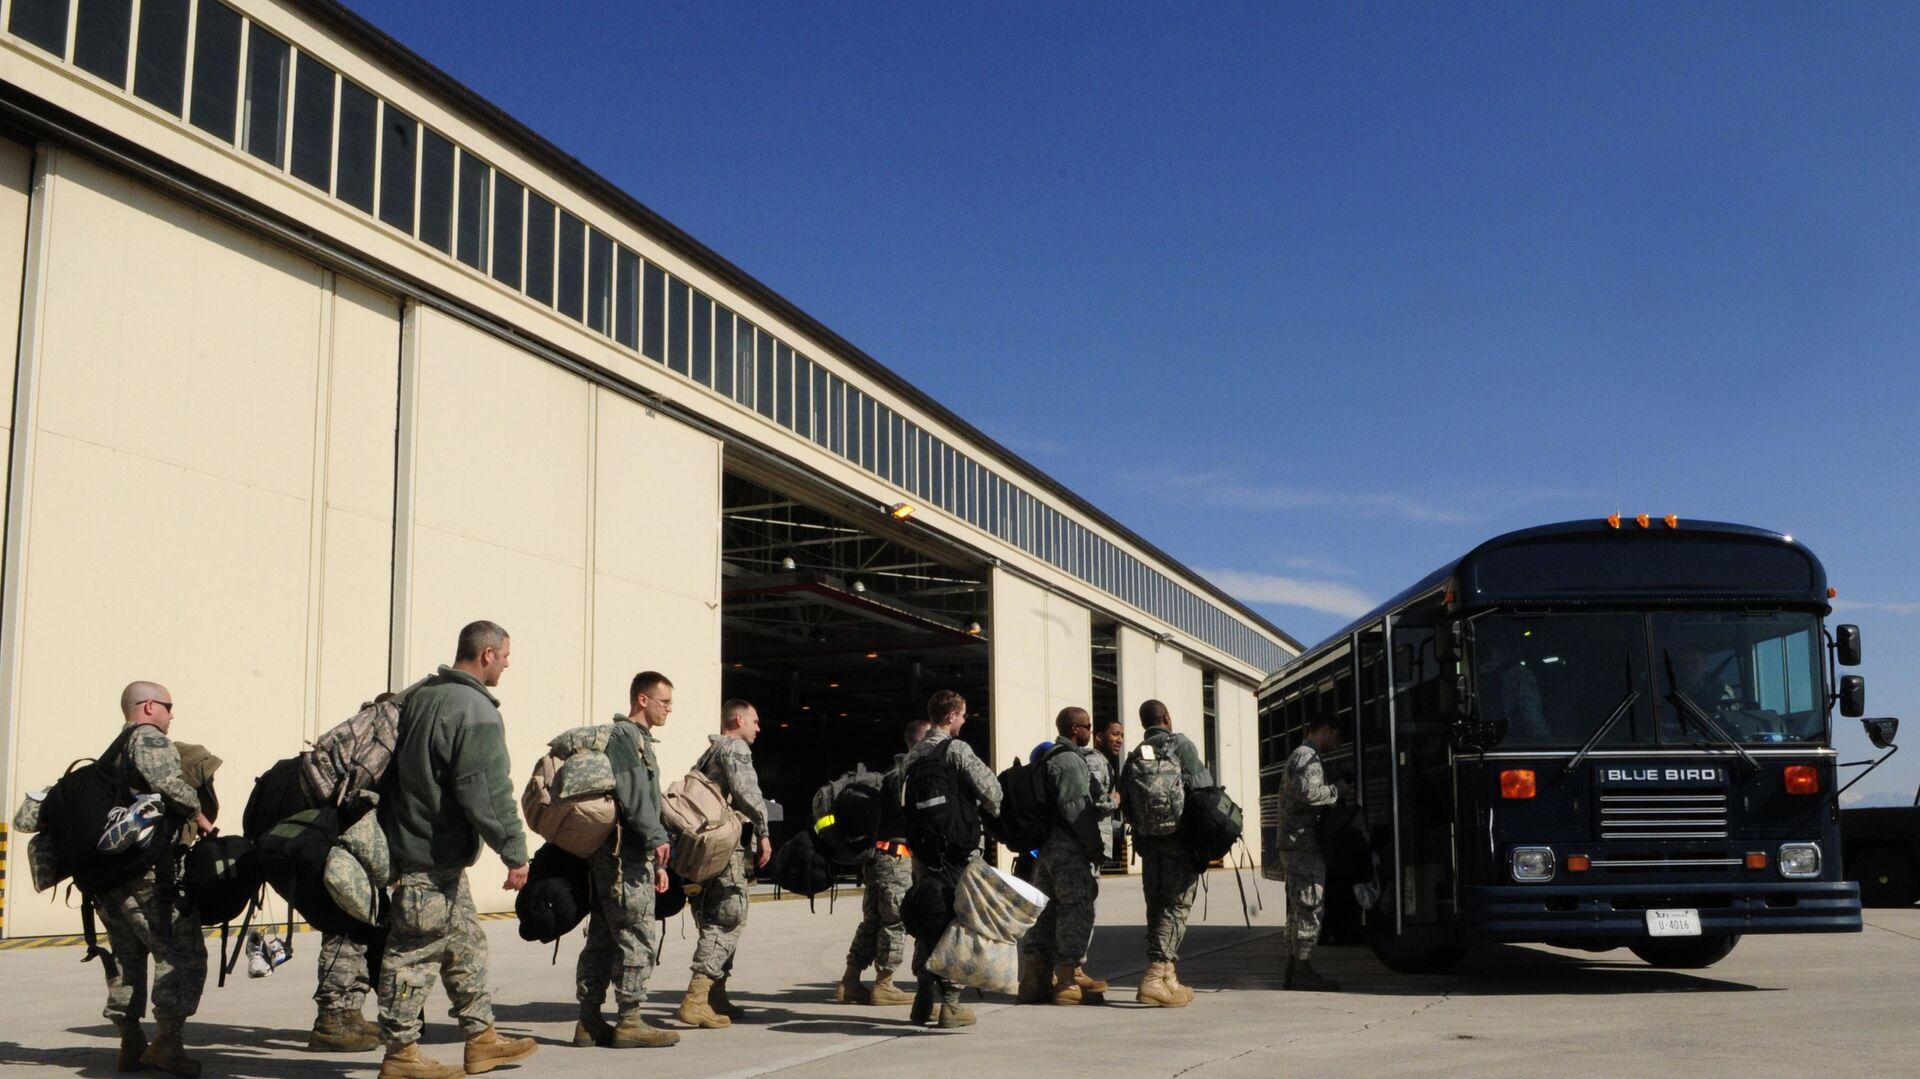 Soldati americani dell'AFRICOM arrivano ad Aviano - Sputnik Italia, 1920, 05.06.2021